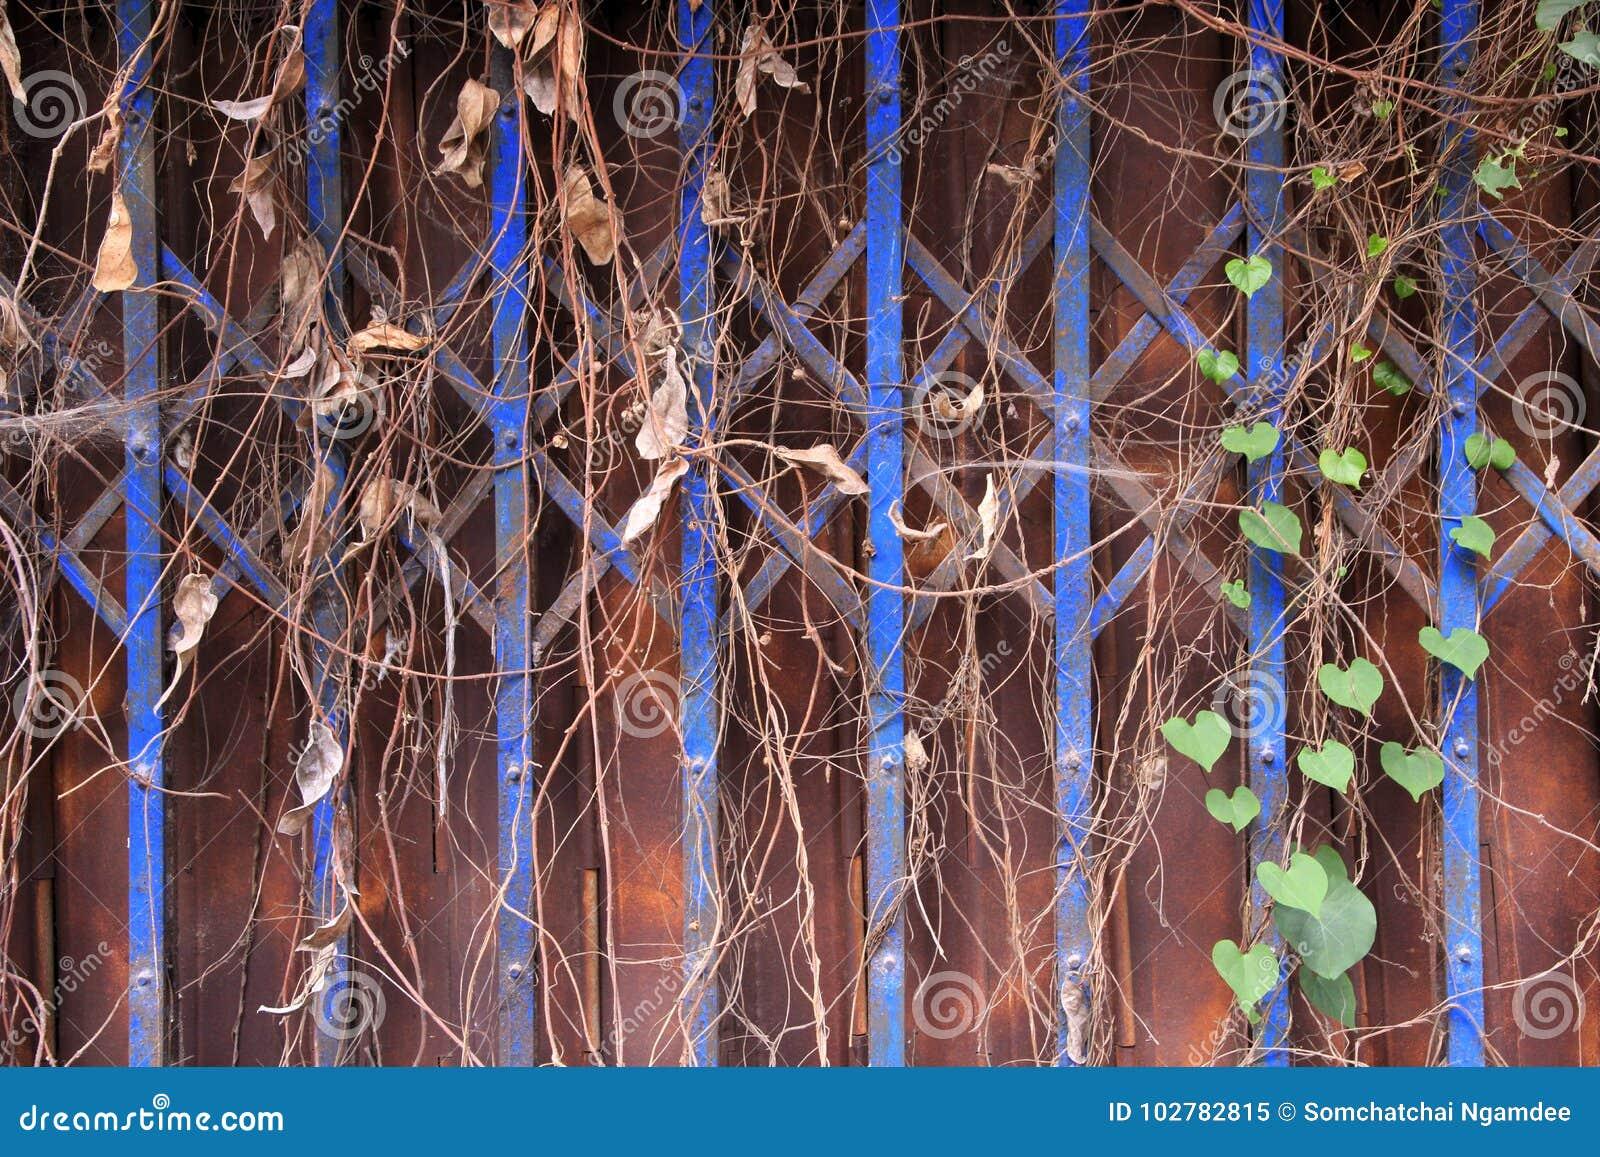 Metal Door In Rust And Plants Stock Image Image Of Texture Plant